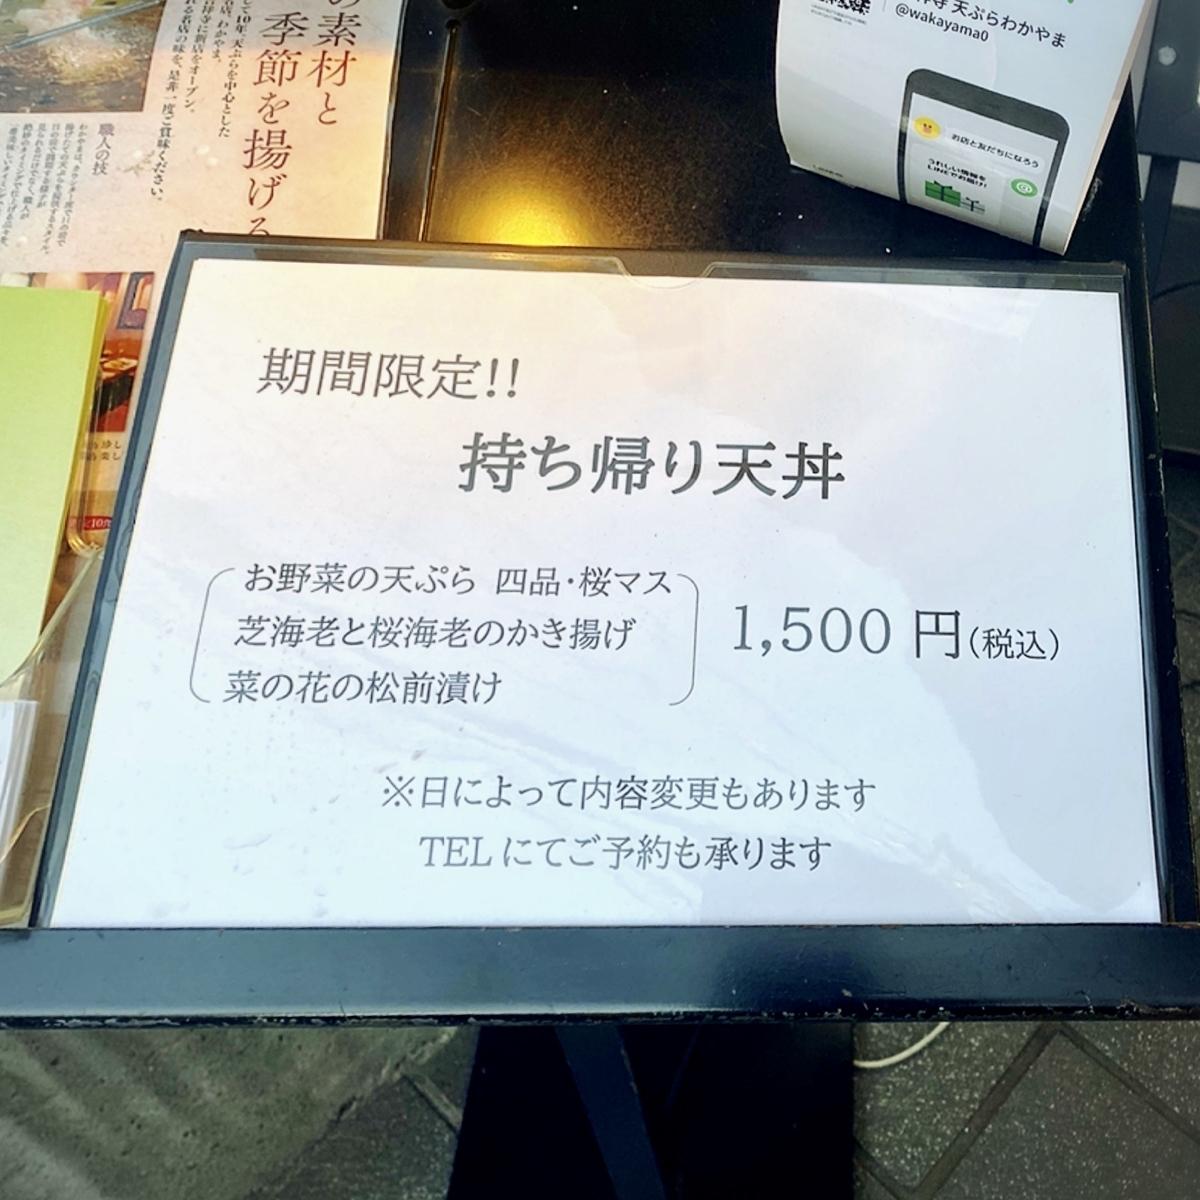 天ぷらわかやまのテイクアウトメニュー